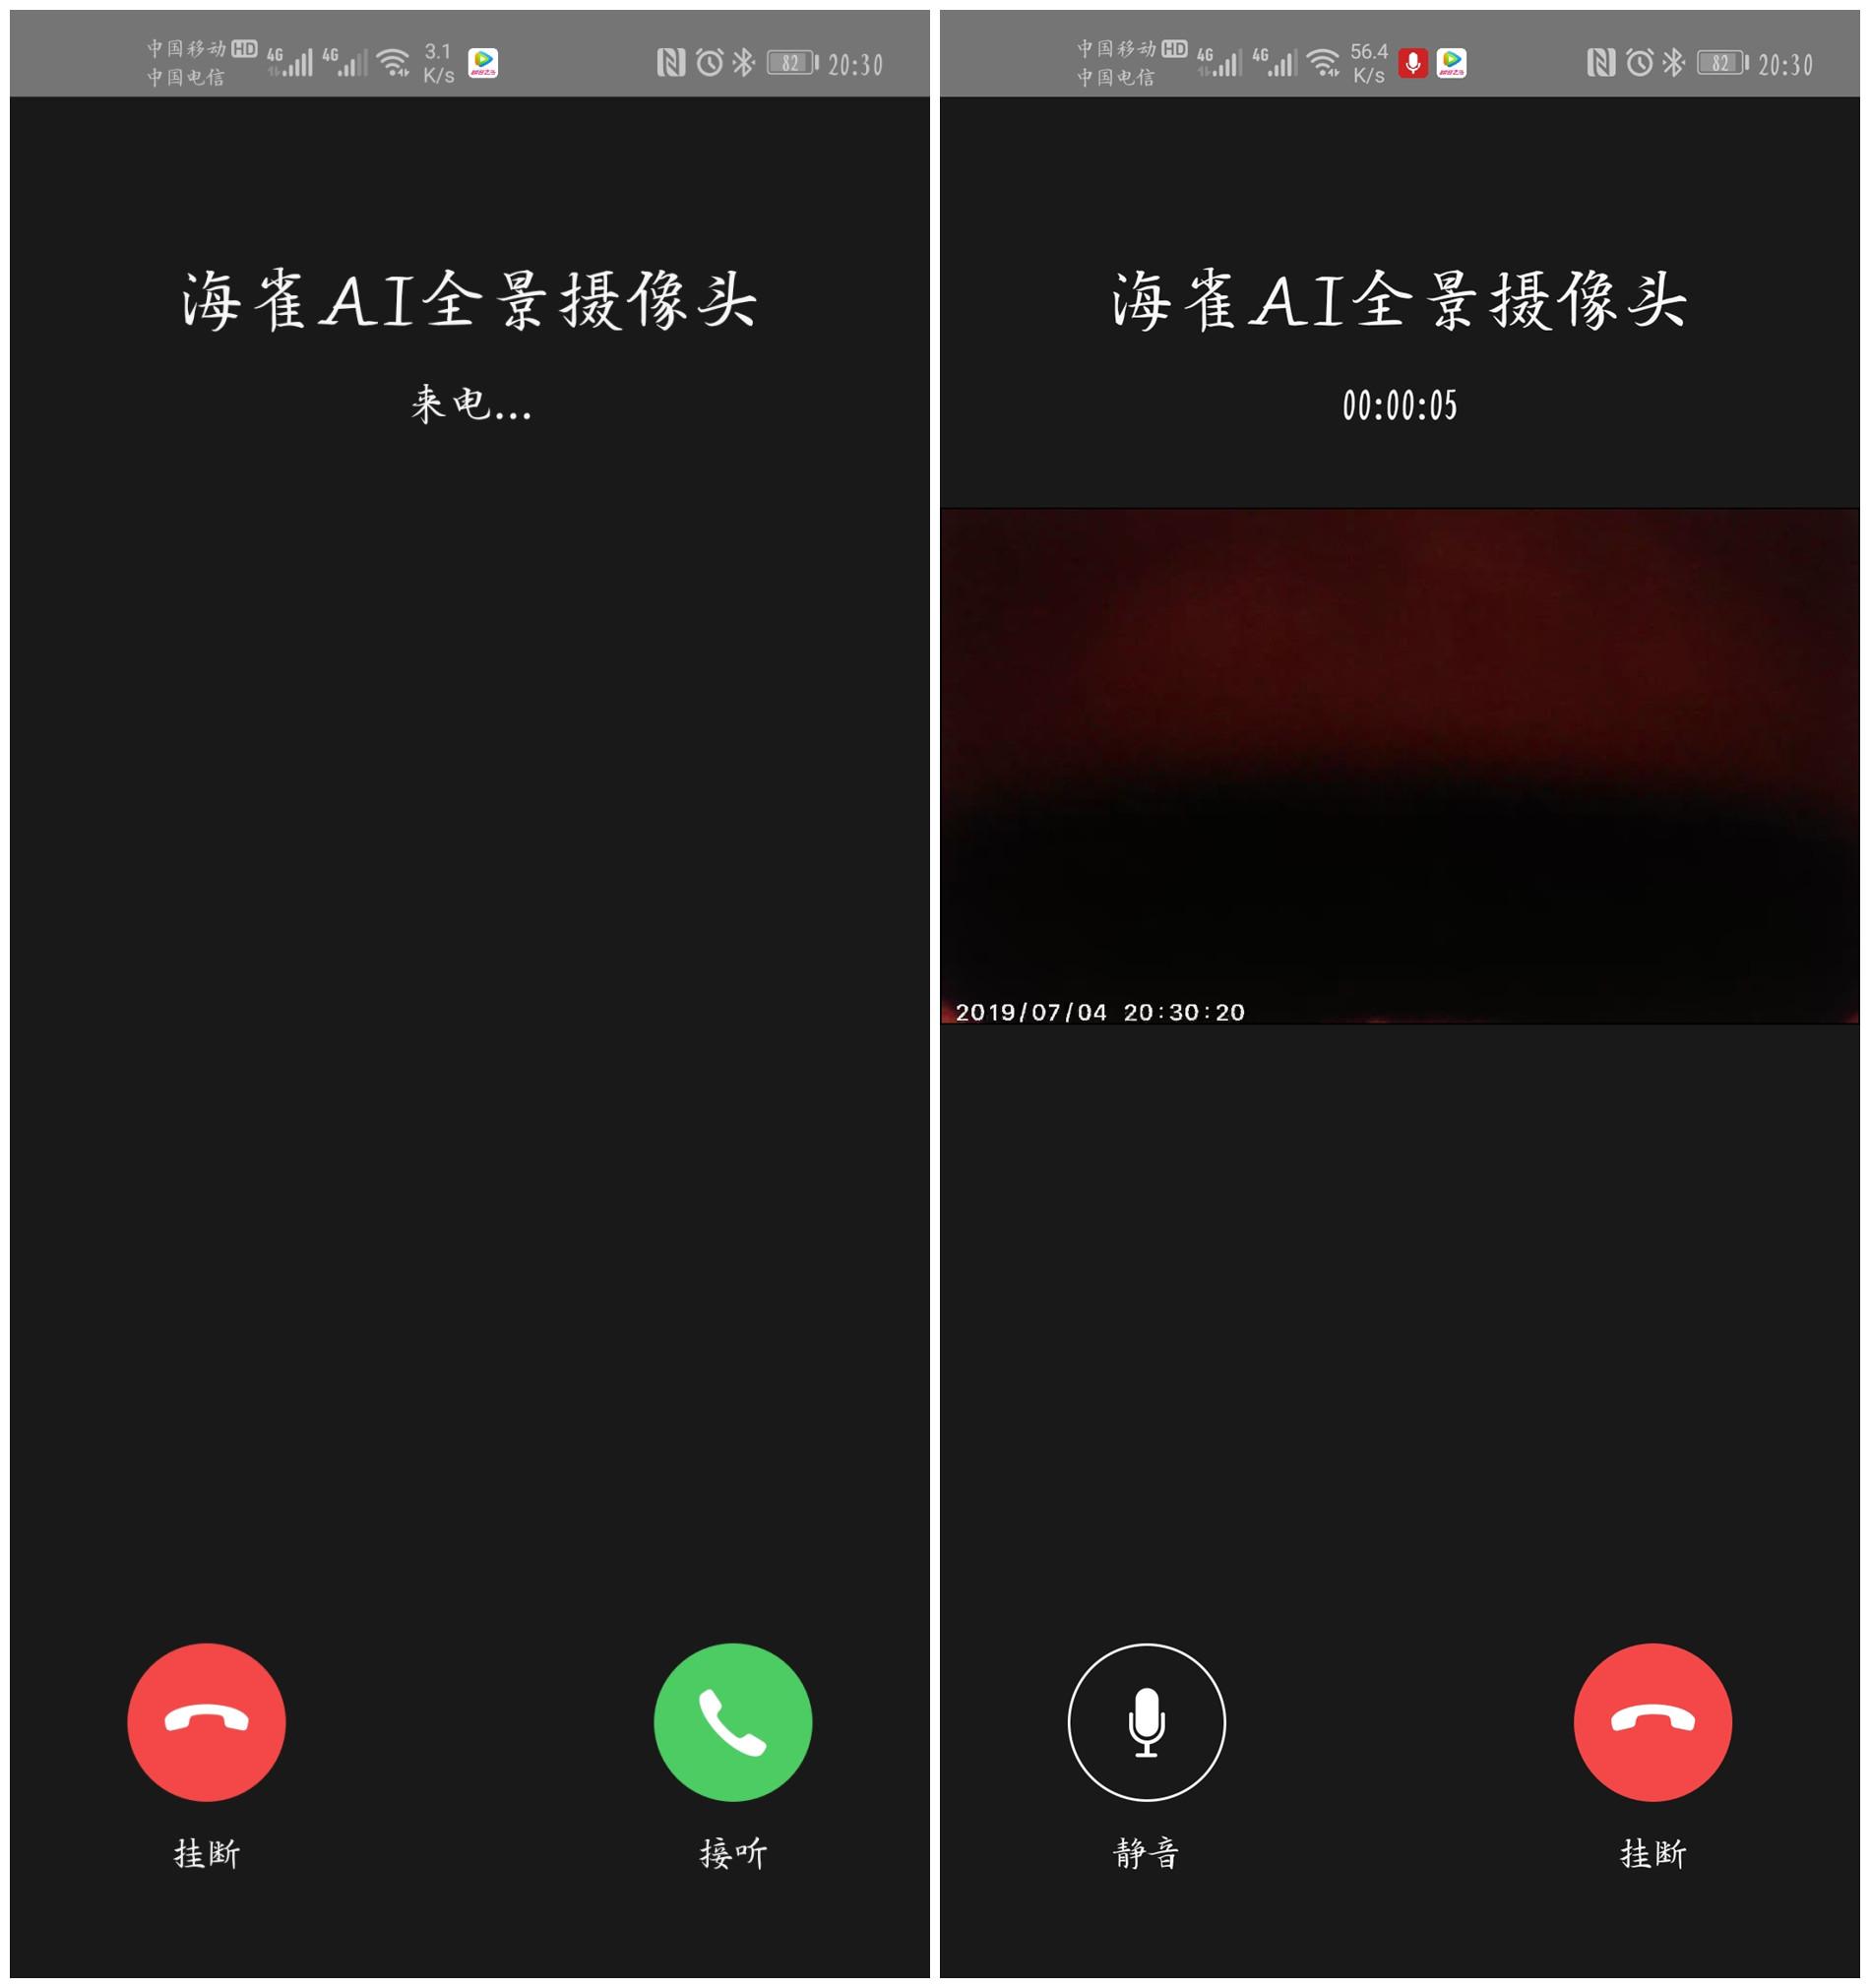 拨打电话.jpg